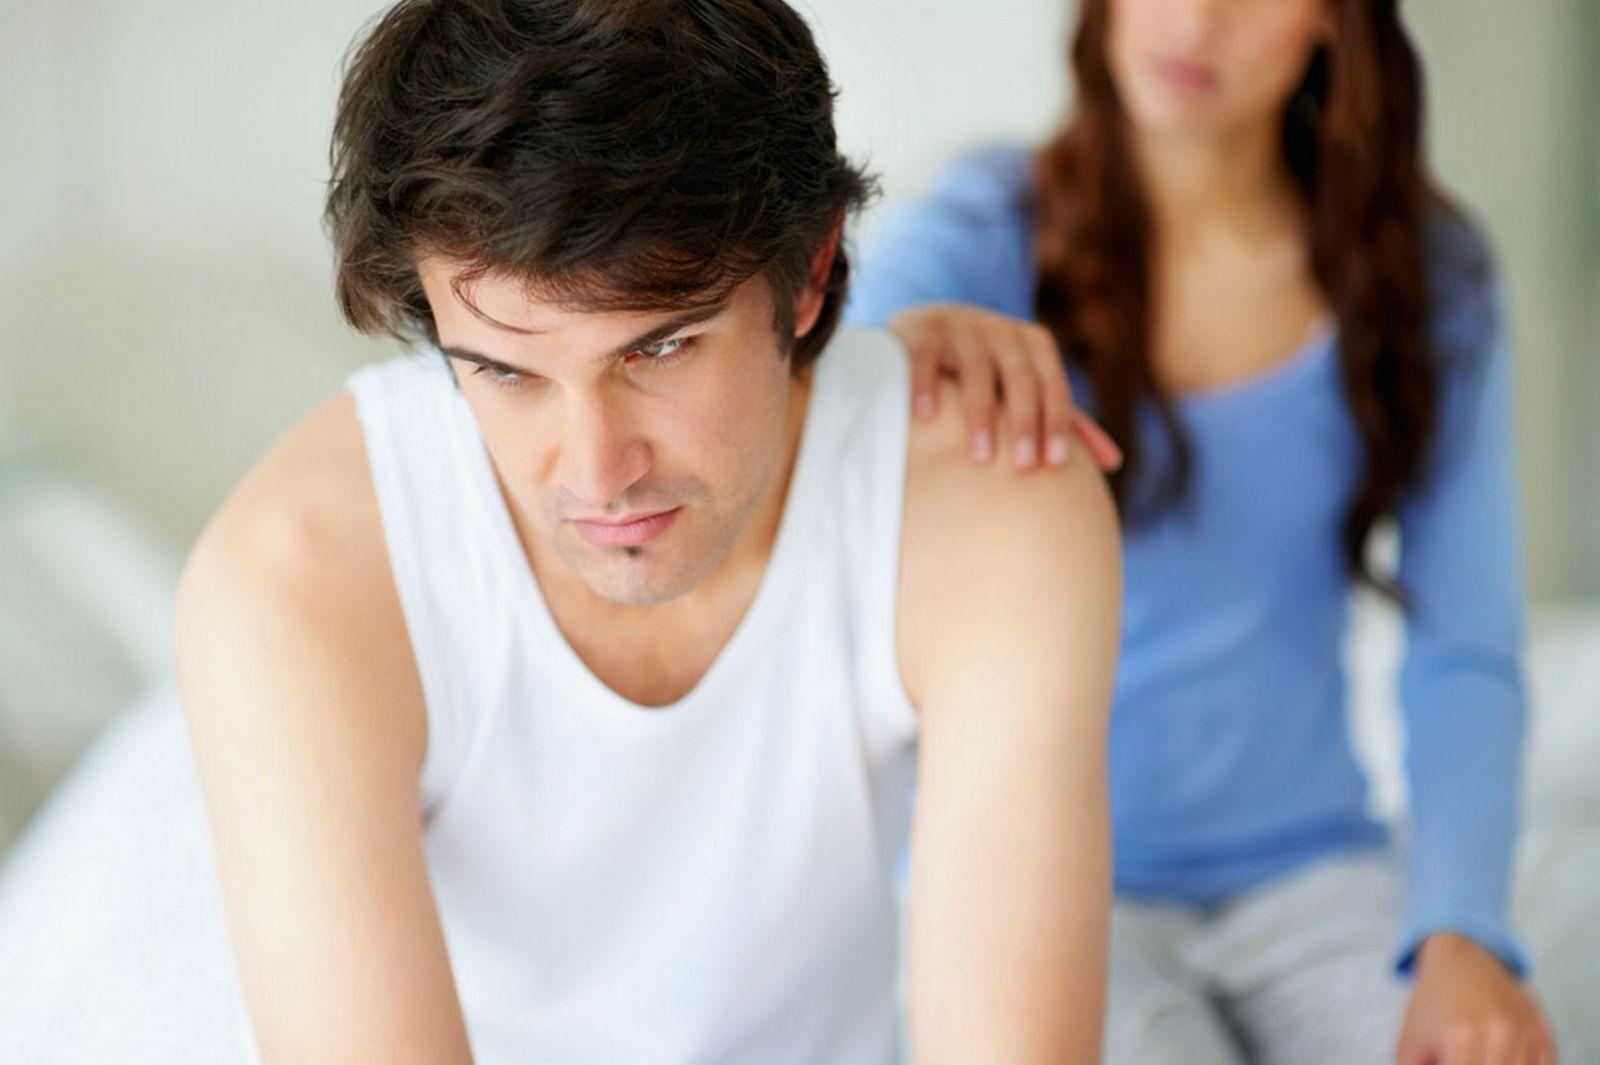 Nam giới bị yếu sinh lý và đang tìm hiểu về tác dụng của sâm cau để chữa bệnh